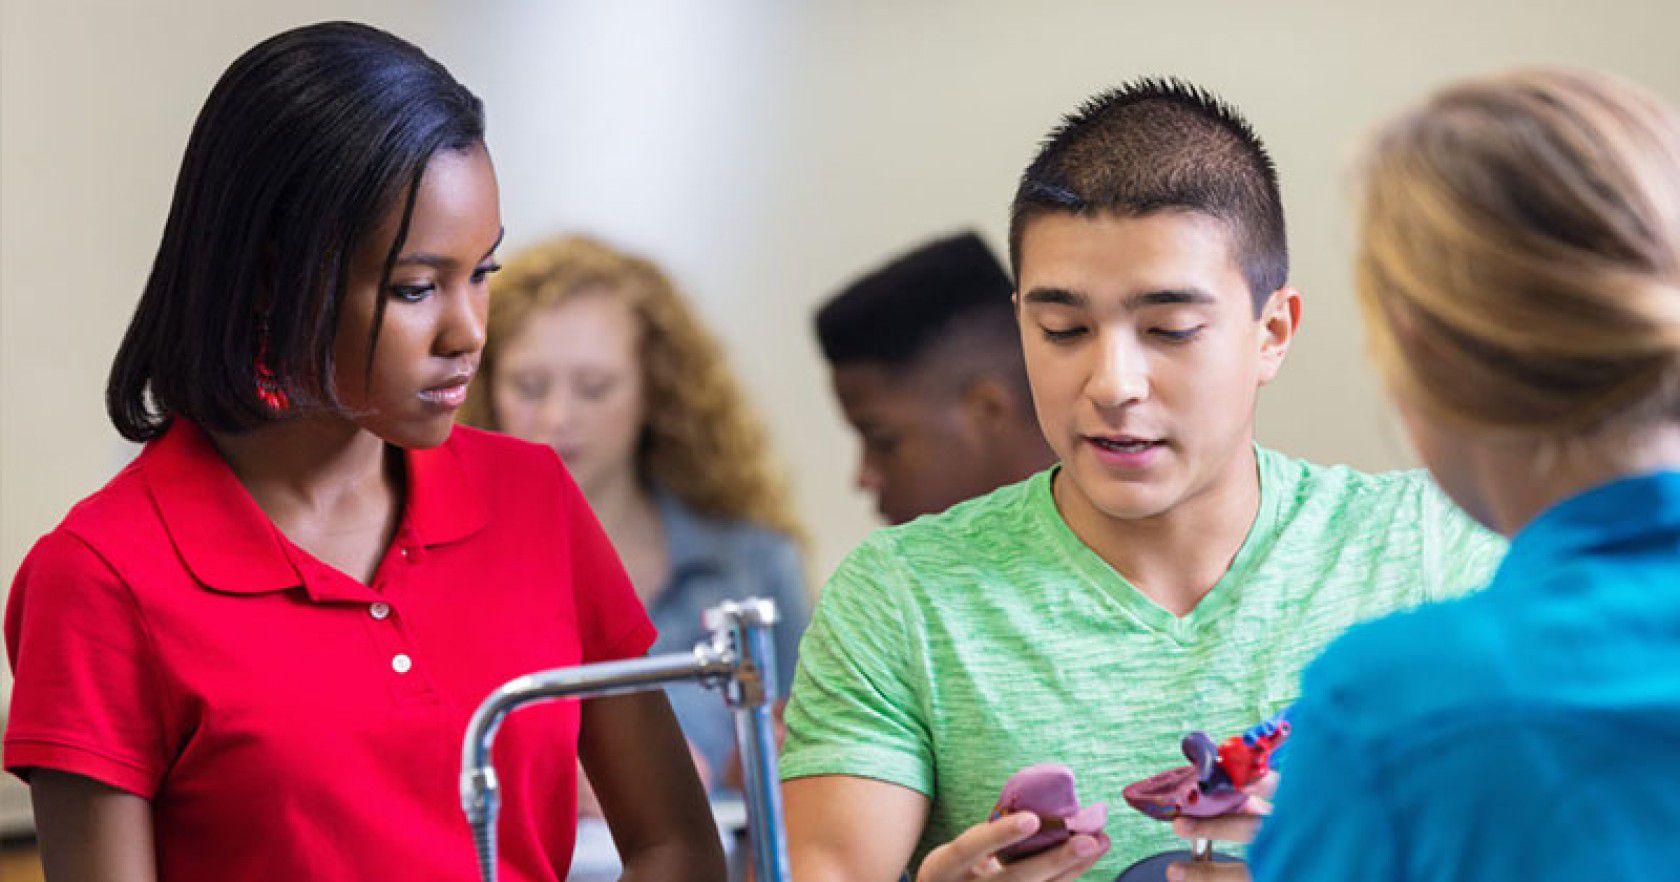 Avrupa'nın En iyi Spor Liseleri Öğrenciler İçin Ne Gibi Avantajlar Sağlıyor?